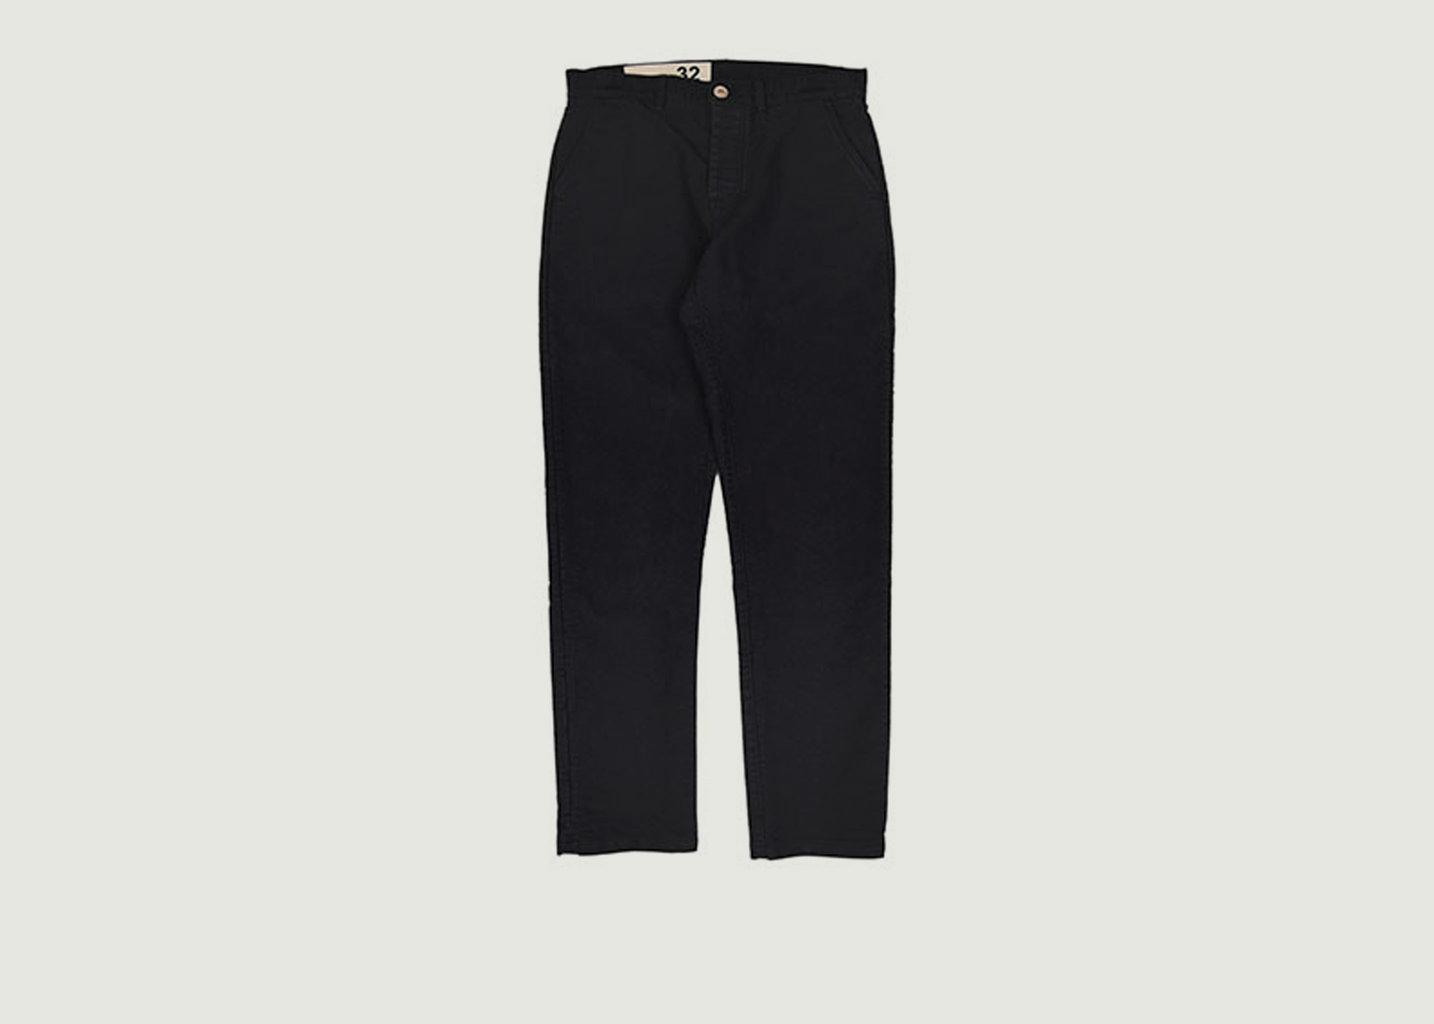 Pantalon Civil en Moleskine - Bleu de Paname